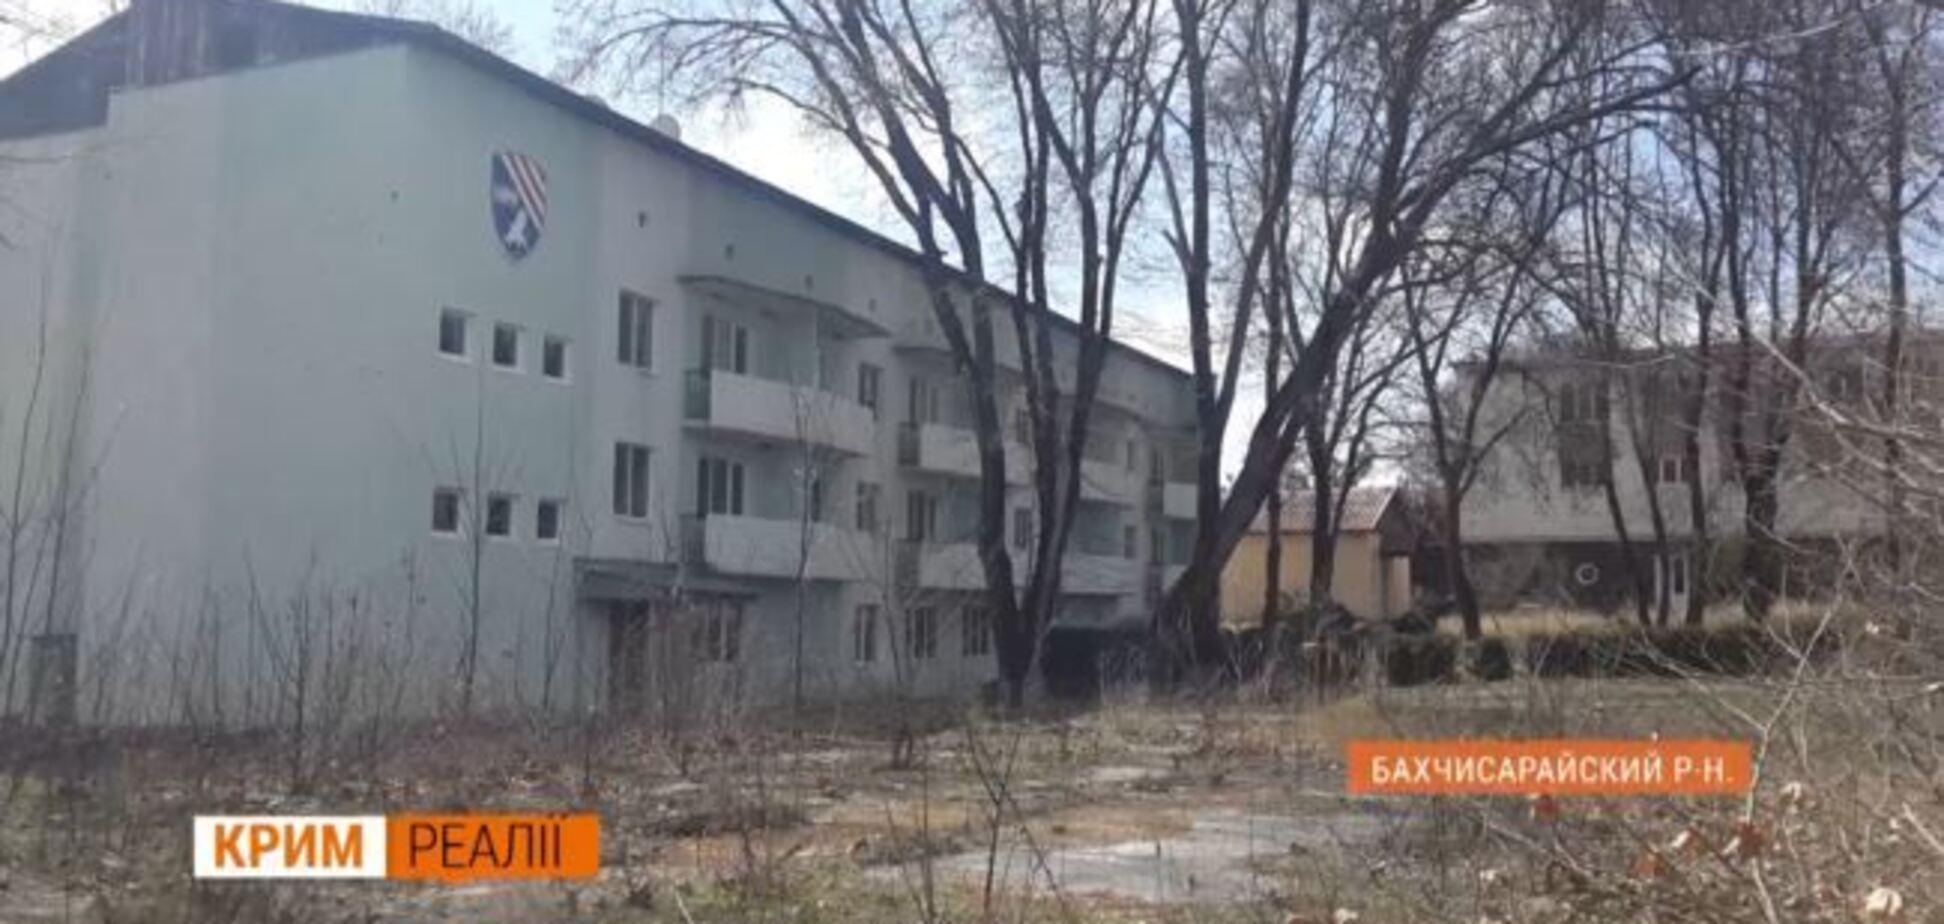 В Крыму показали, во что оккупанты превратили 'Таврию' - фотофакт